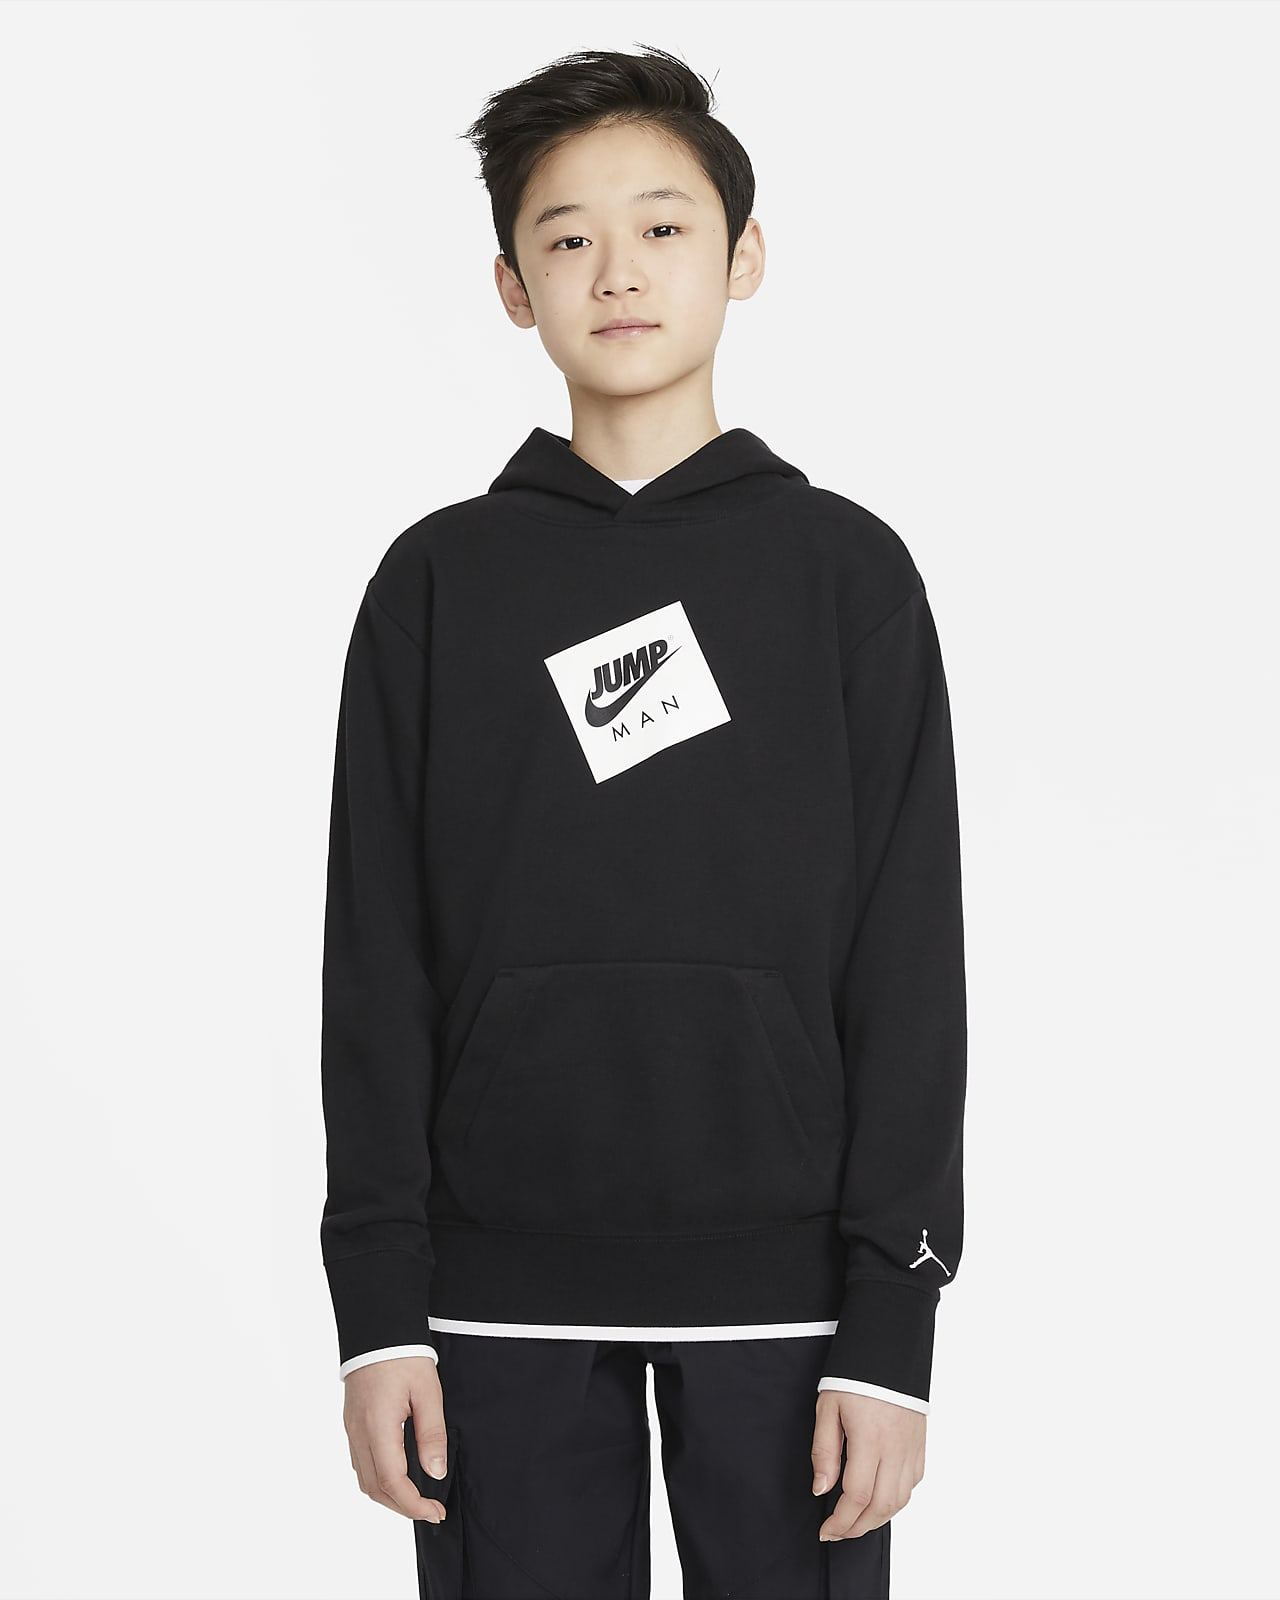 Jordan belebújós, kapucnis pulóver nagyobb gyerekeknek (fiúknak)